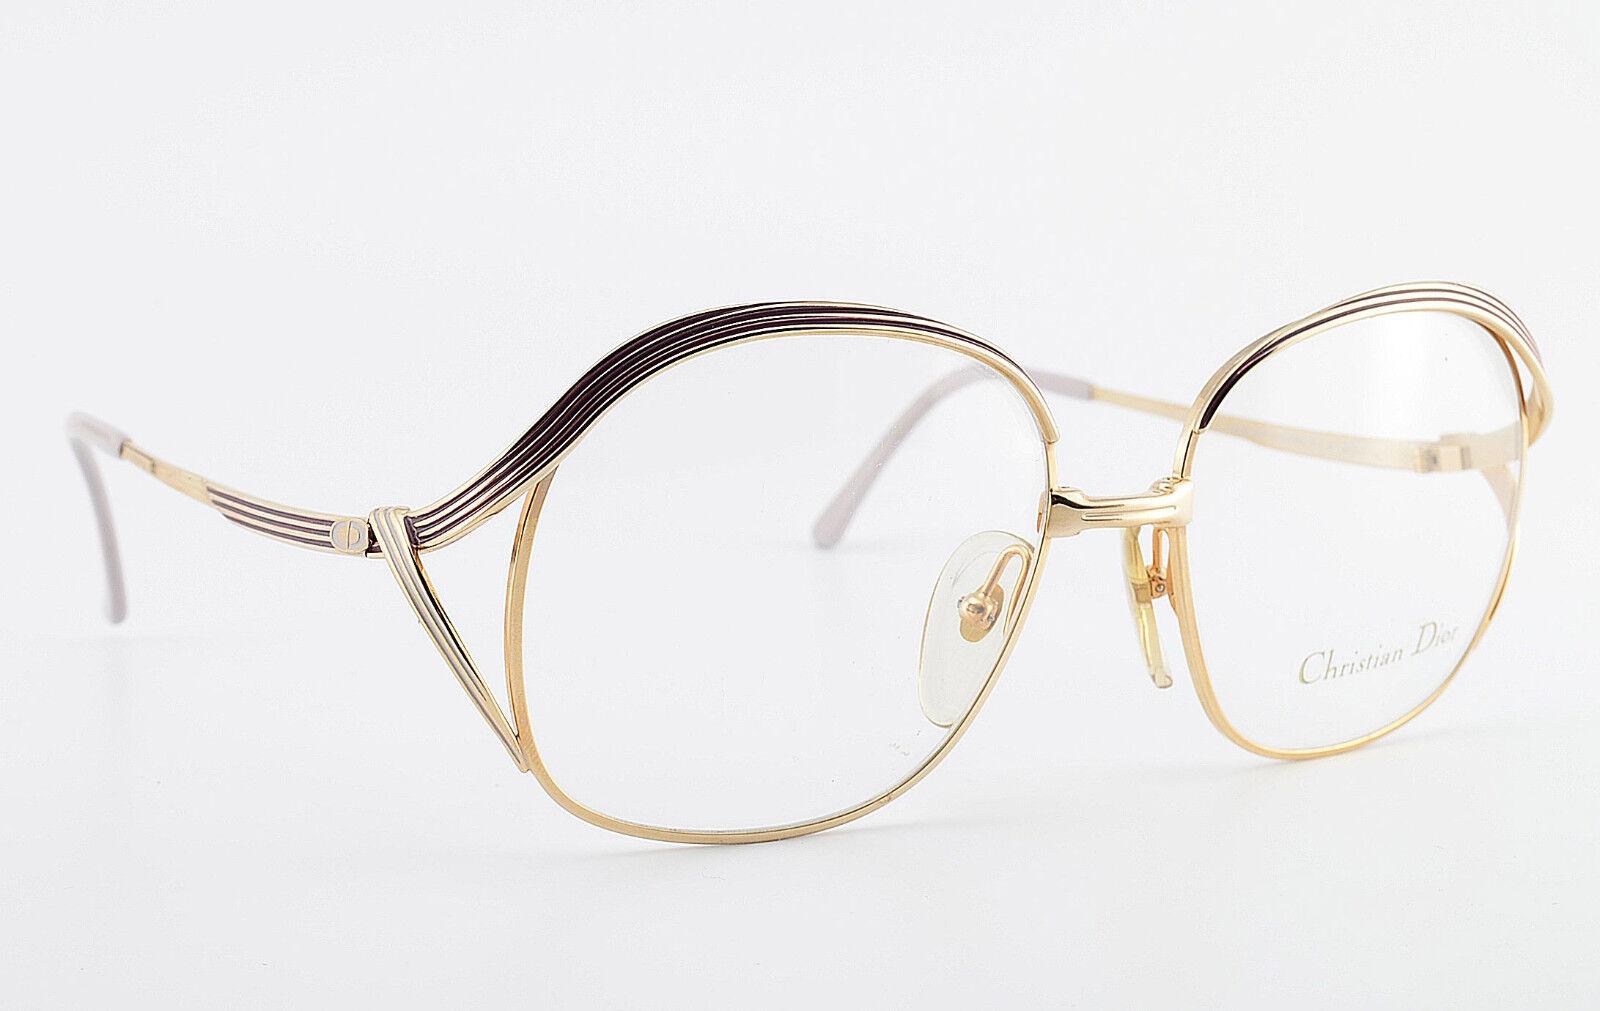 CHRISTIAN DIOR Brille Mod. 2474 2474 2474 42 5517 130 1980s Eyeglasses Frame Gold lila | Erste Qualität  | Lassen Sie unsere Produkte in die Welt gehen  | Die Qualität Und Die Verbraucher Zunächst  | Neue Sorten werden eingeführt  f0d8df